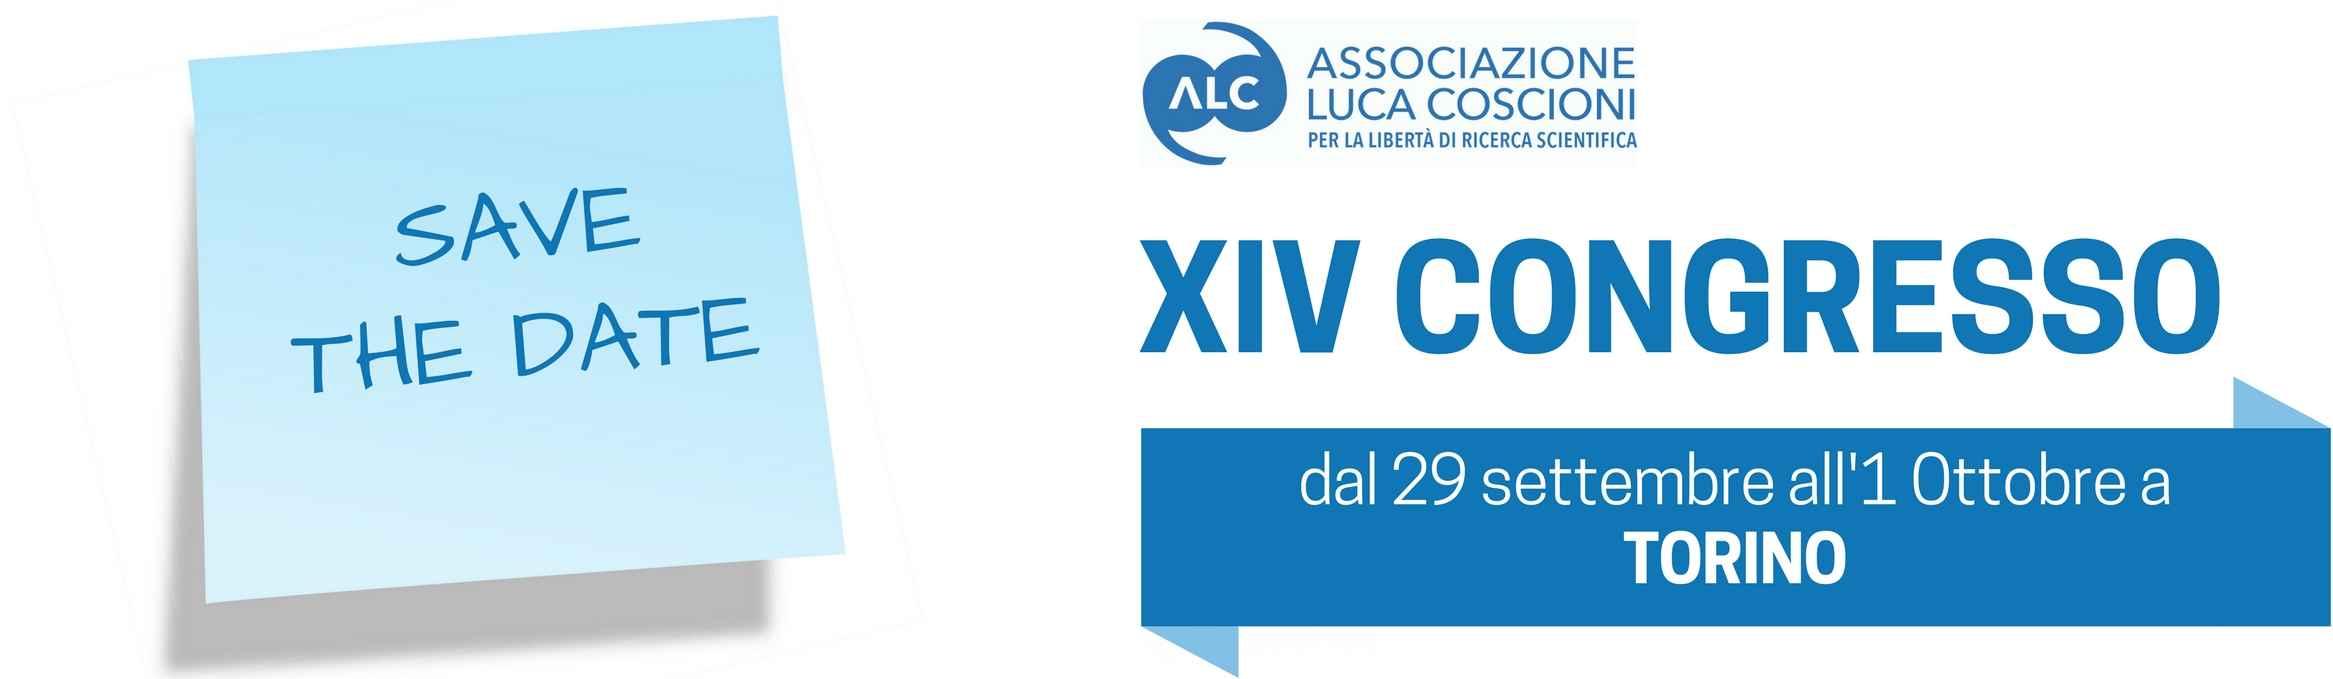 XIV Congresso Associazione Luca Coscioni